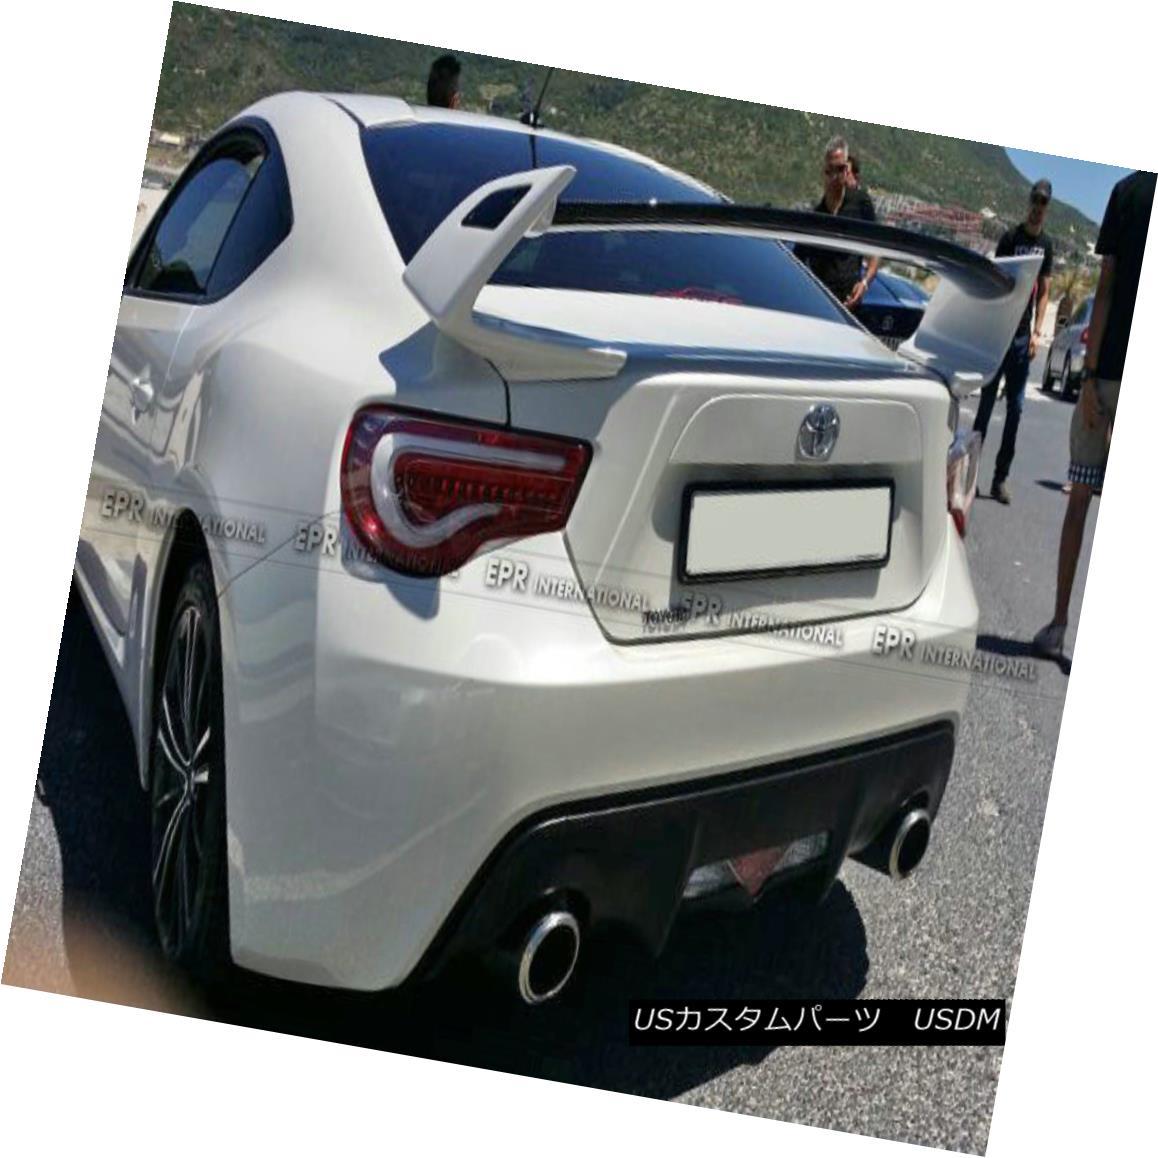 エアロパーツ For Toyota BRZ FT86 TK Style Rear Trunk Spoiler Wing Add on Full FRP Unpainted トヨタBRZ FT86 TKスタイルリア・トランク・スポイラー・ウィング用フルFRP未塗装